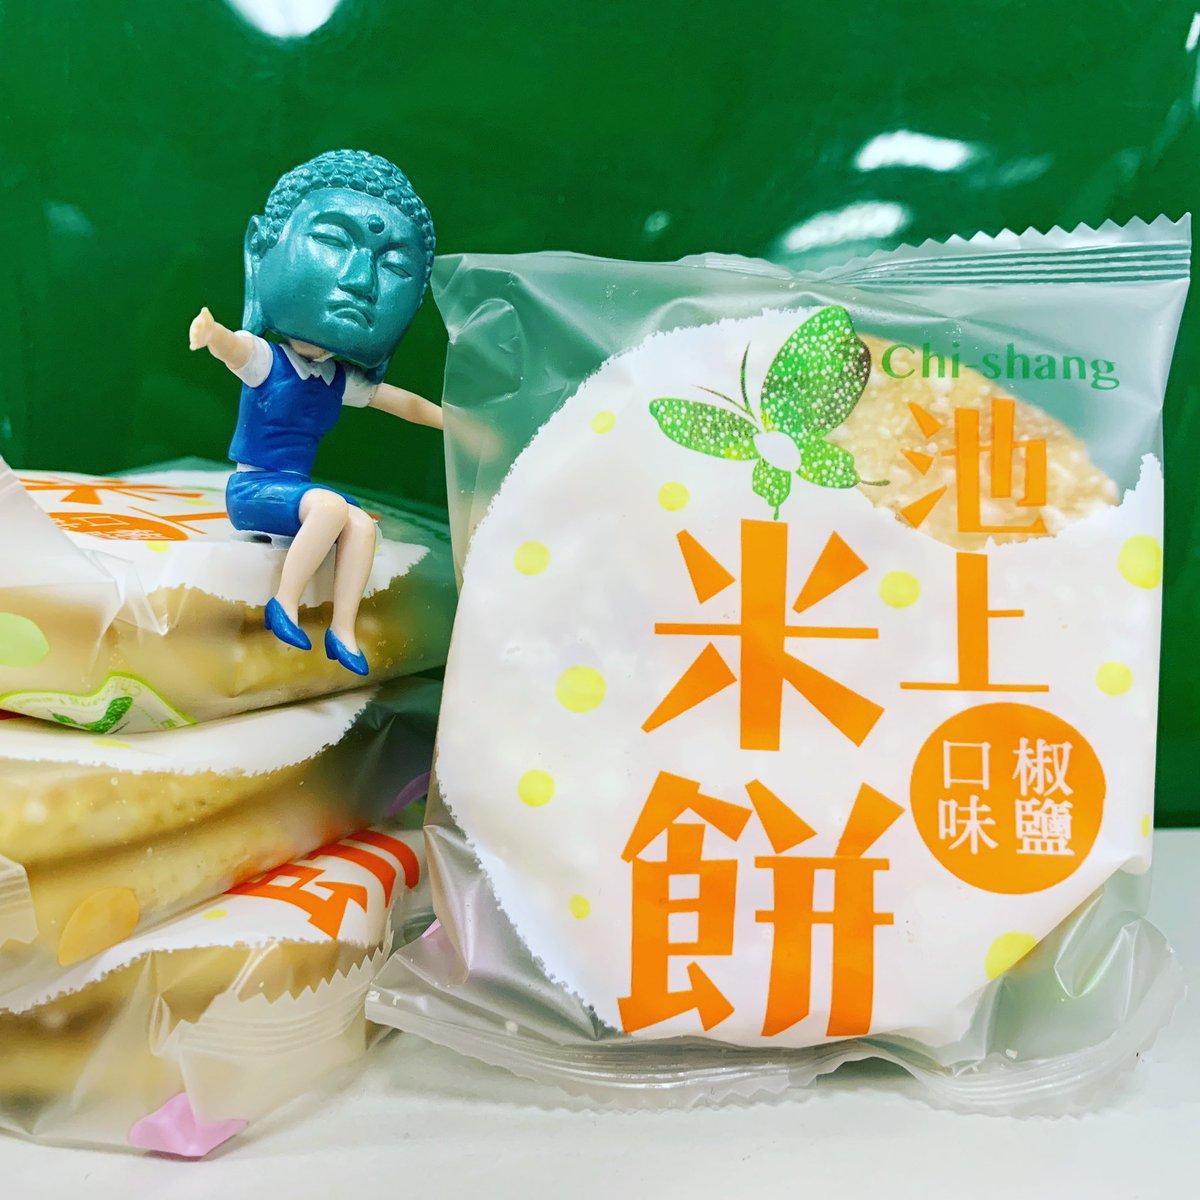 你說是我們相見恨晚...  我說....  欸!這餅乾爆炸地好吃耶!!  #fuchico #杯緣子  #フチ子 https://t.co/dXMuE7SHWe